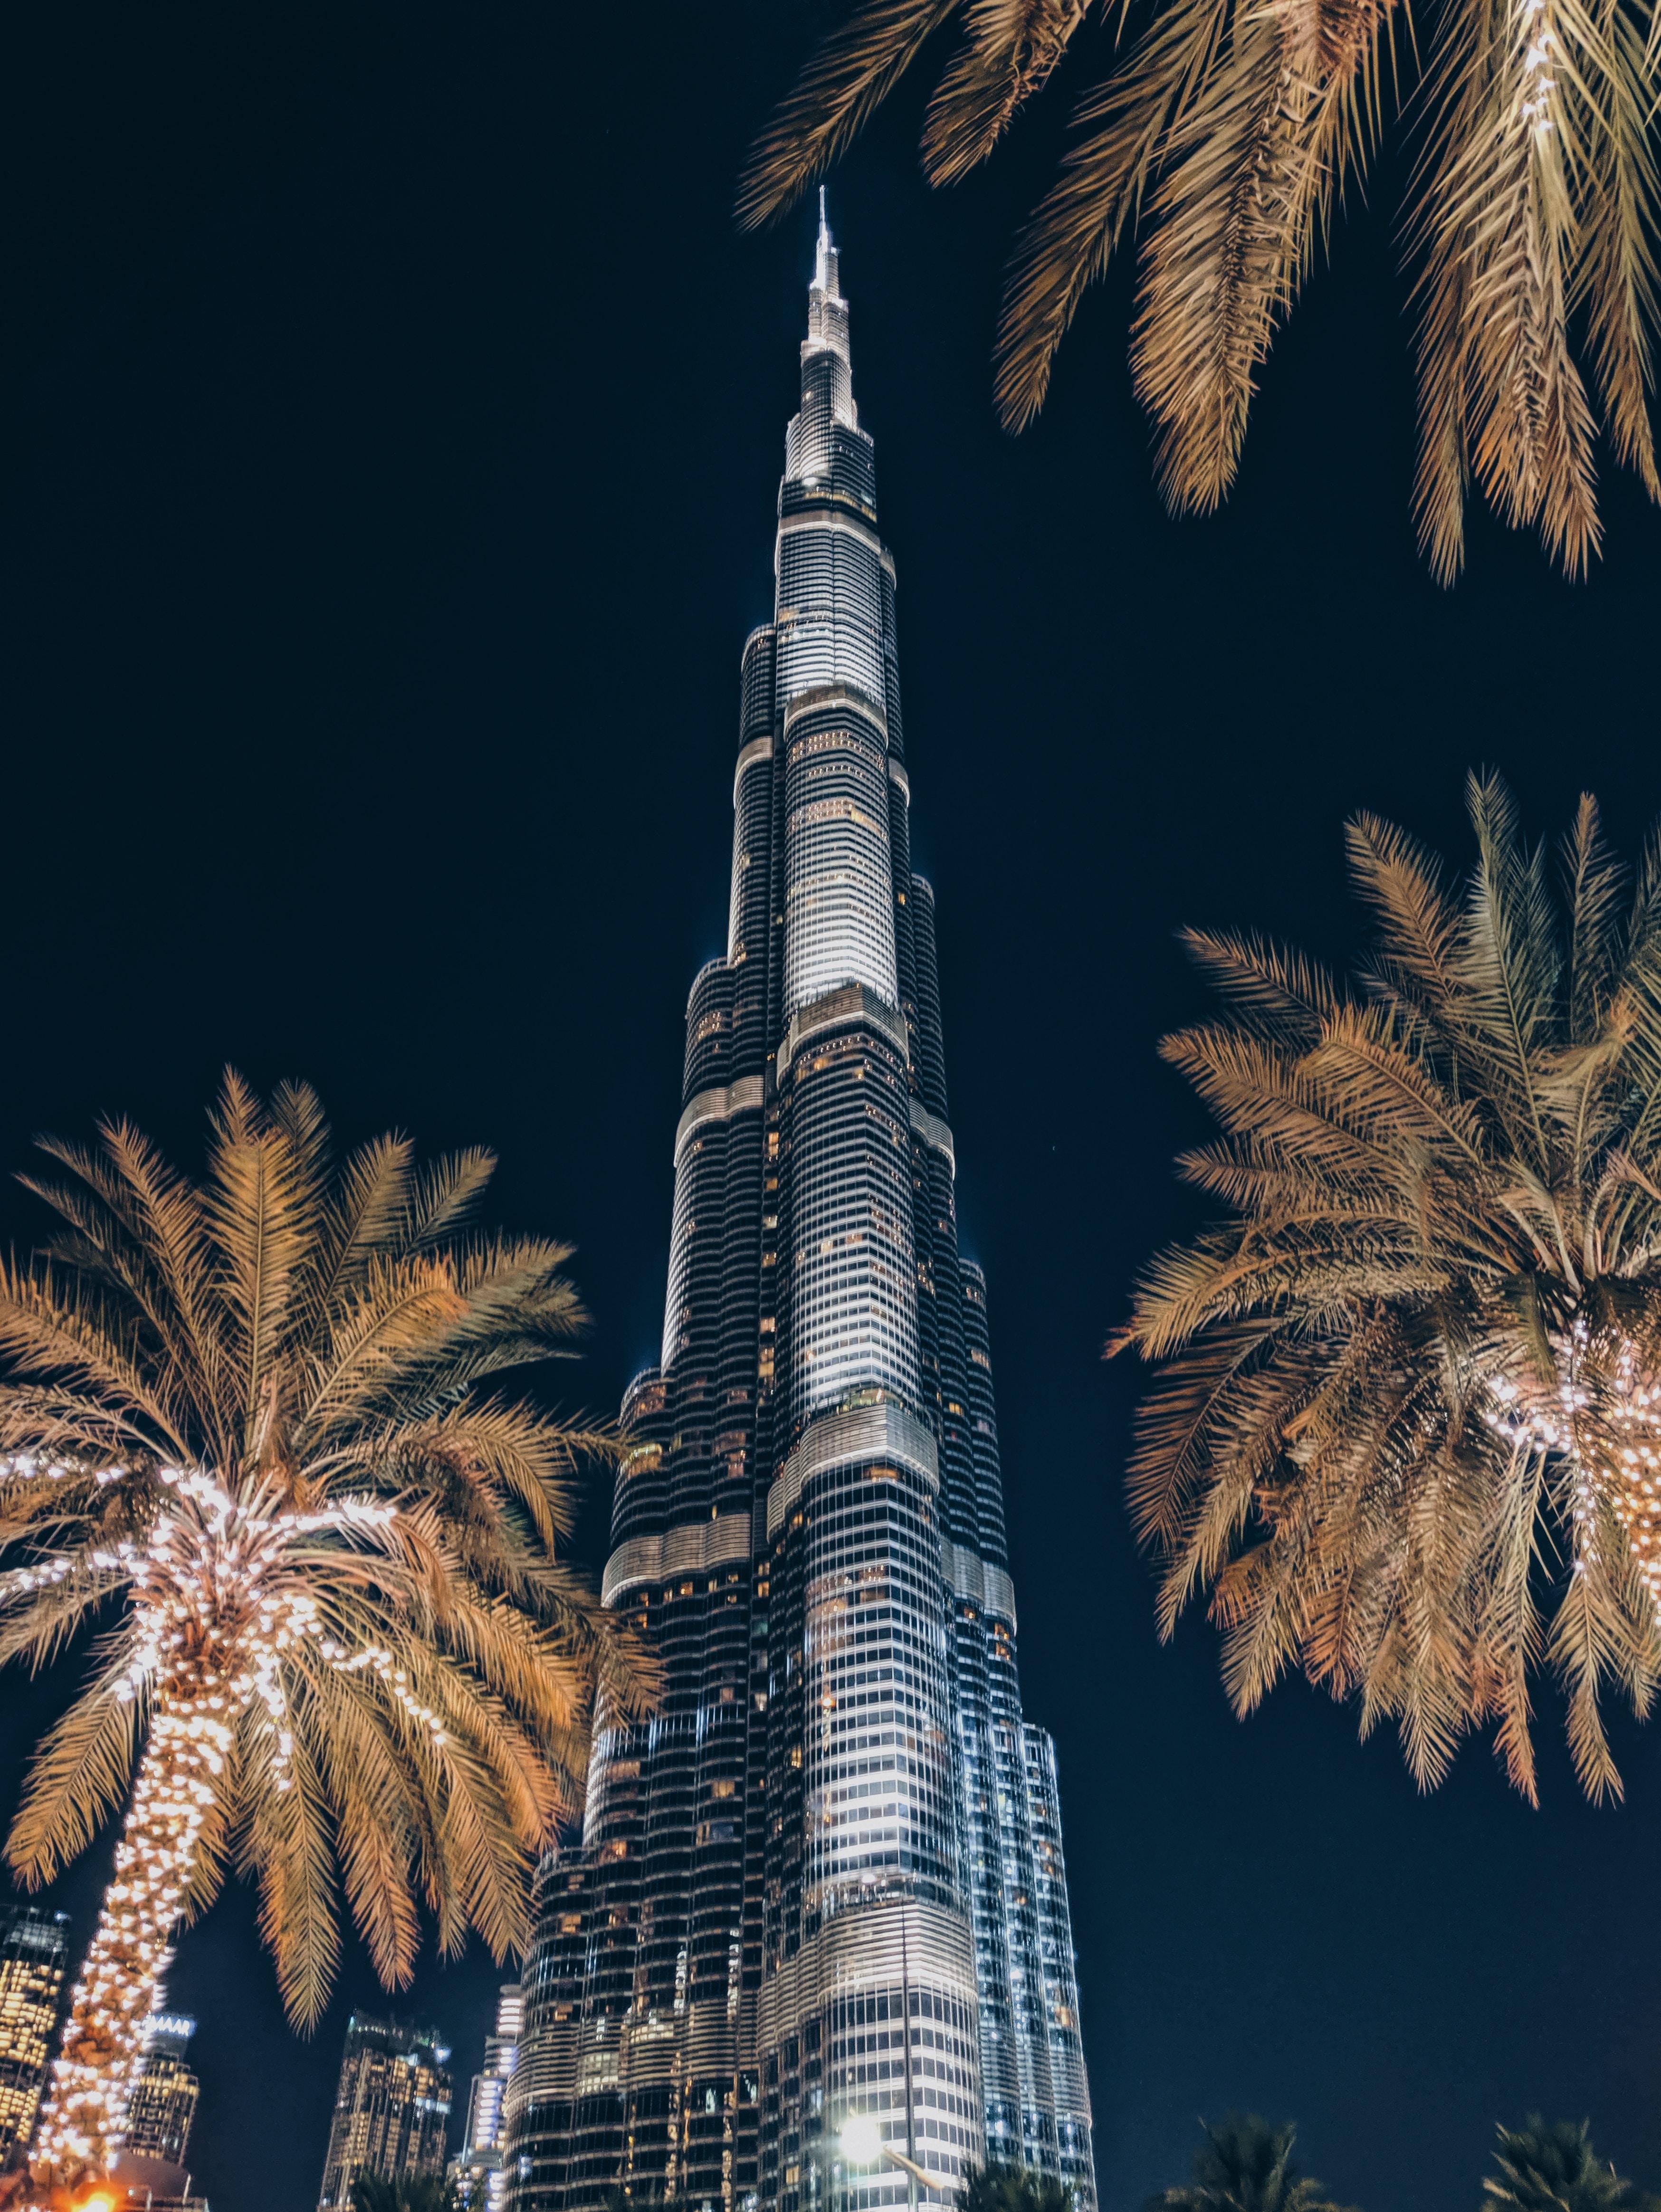 54960 скачать обои Пальмы, Города, Архитектура, Небоскреб, Здание, Башня - заставки и картинки бесплатно